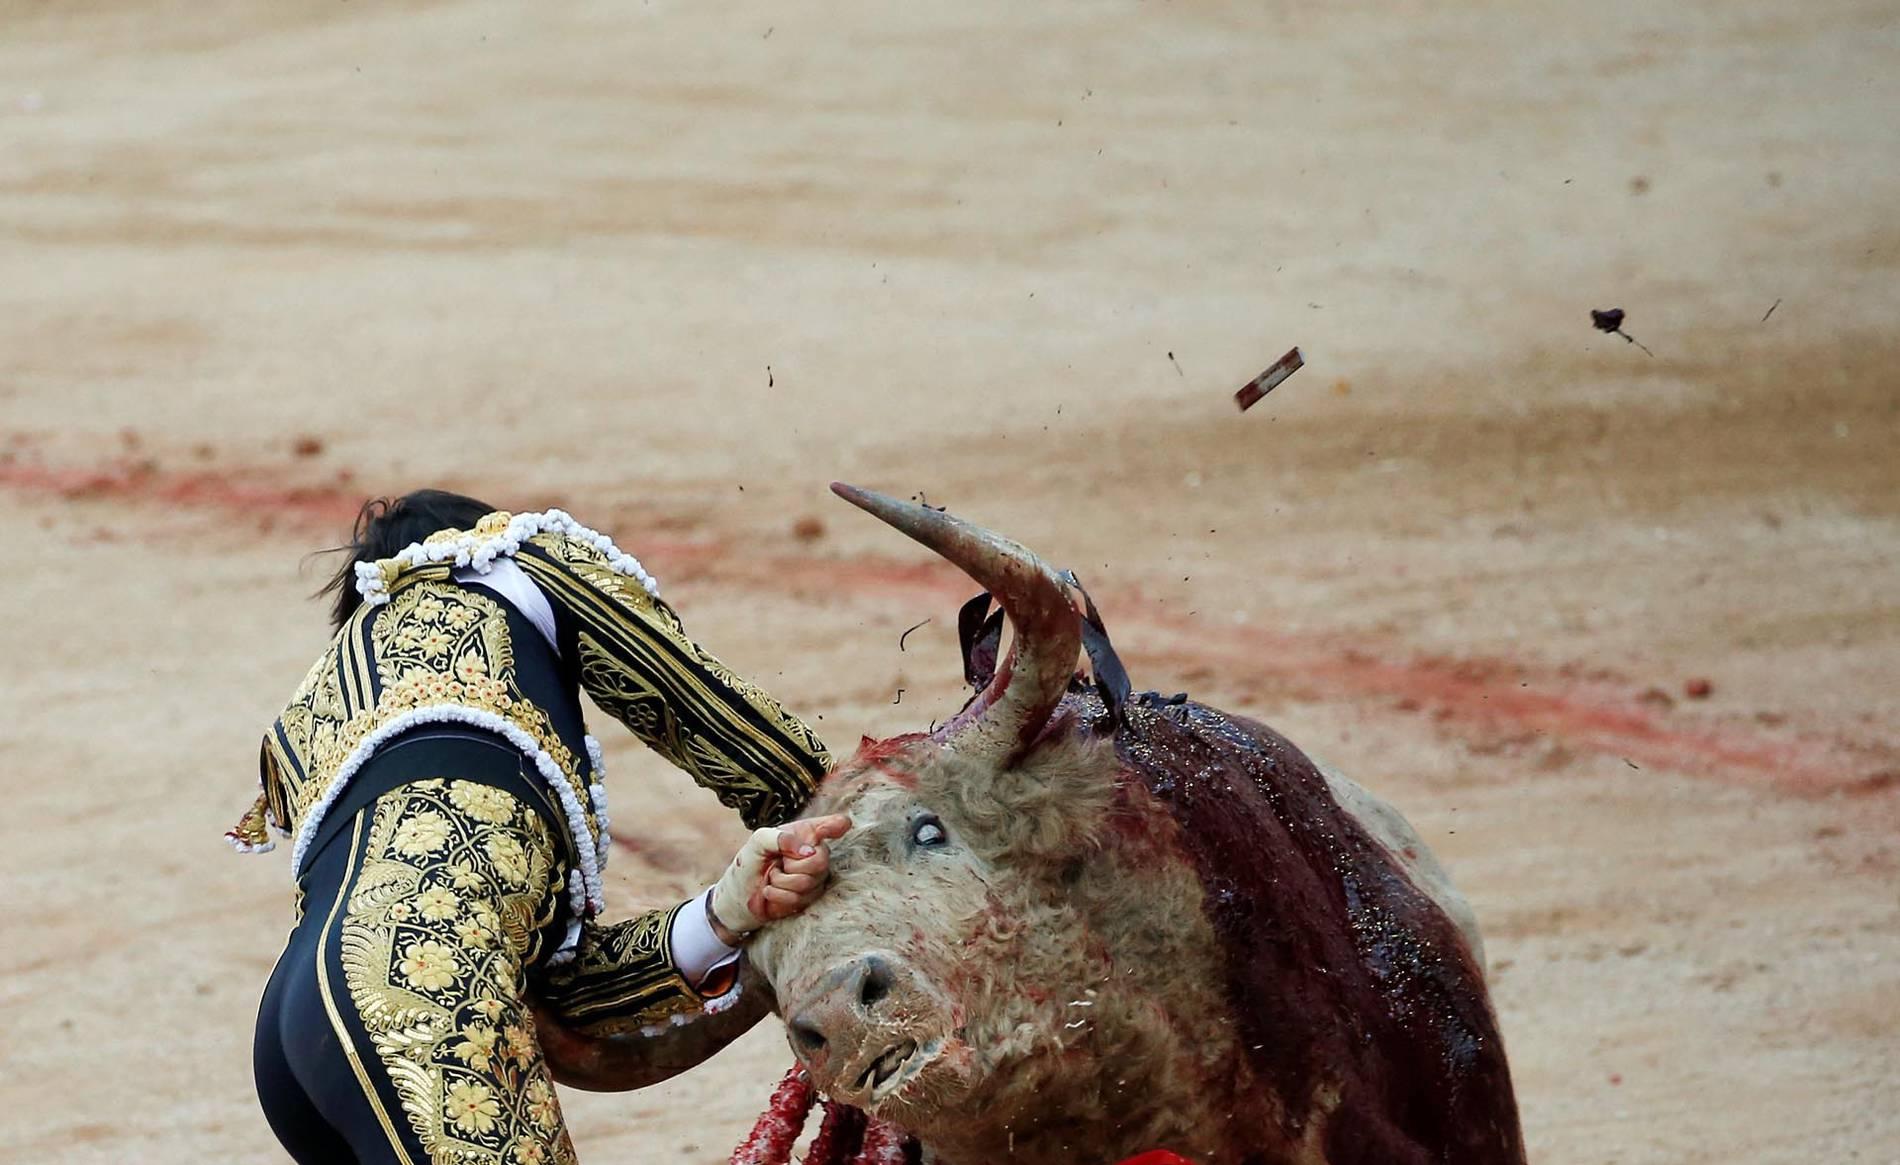 Grave cogida a Roca Rey en Pamplona (1/8) - Cogida a Roca Rey en la ingle al entrar a matar al último toro - Contenidos -